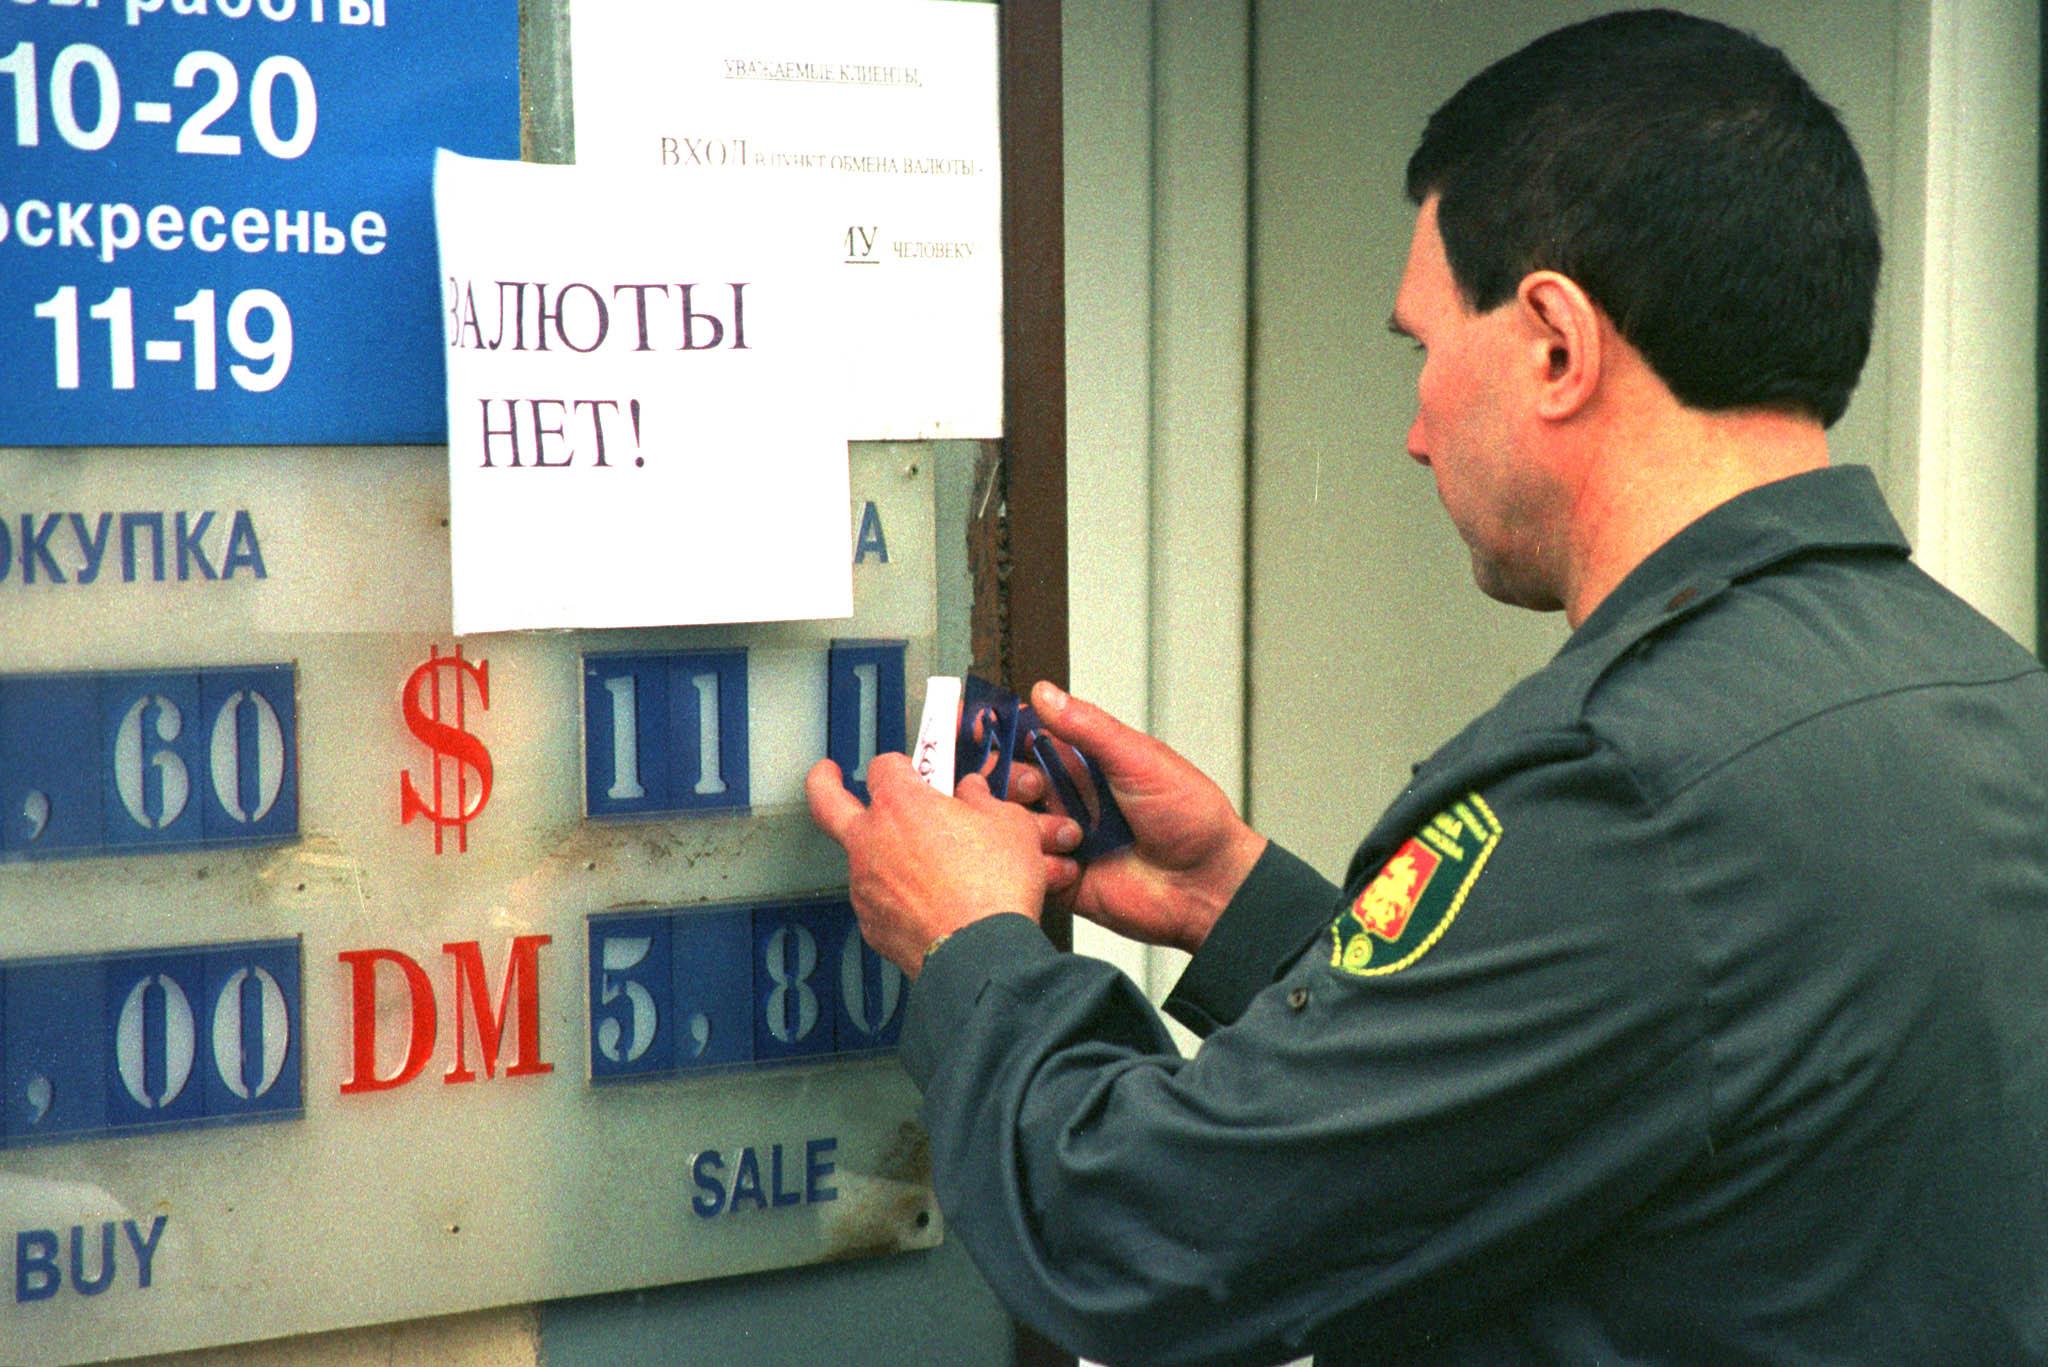 emergenza rublo russia